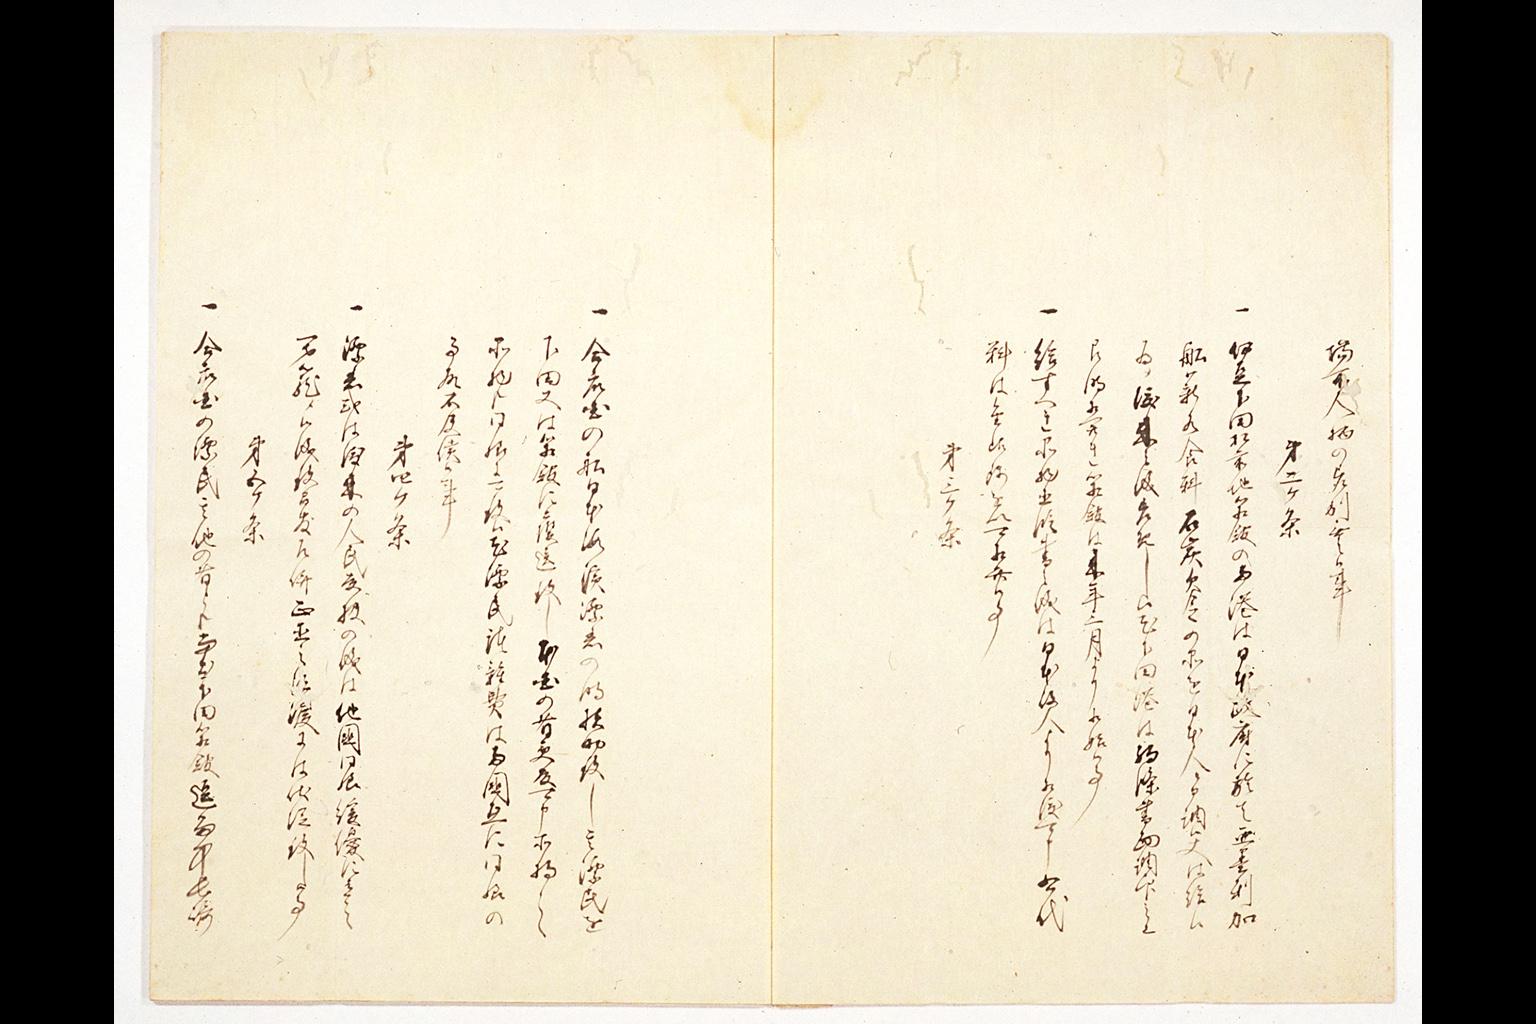 [日米和親条約写] (拡大画像) [日米和親条約写](拡大画像 4-12) | 史料にみる日本の